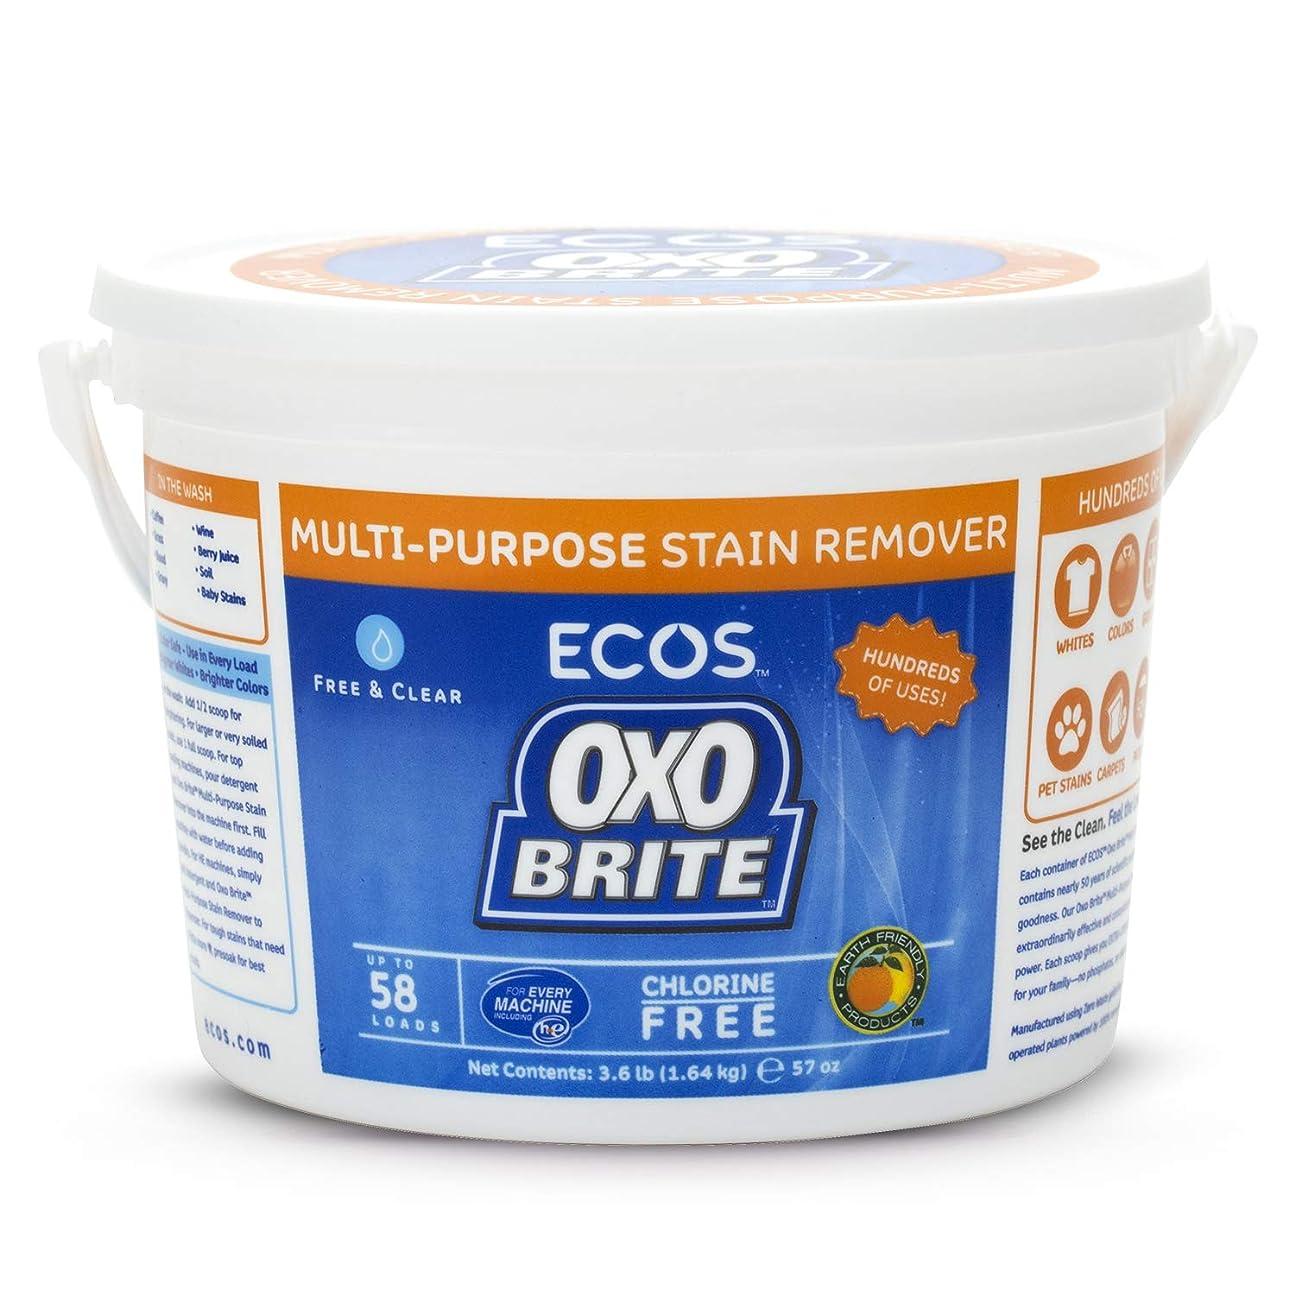 キュービック満足できるふくろうEarth Friendly - オキソBriteの酸素及び酵素の洗濯のブスターのポッド - 20 ポーチ